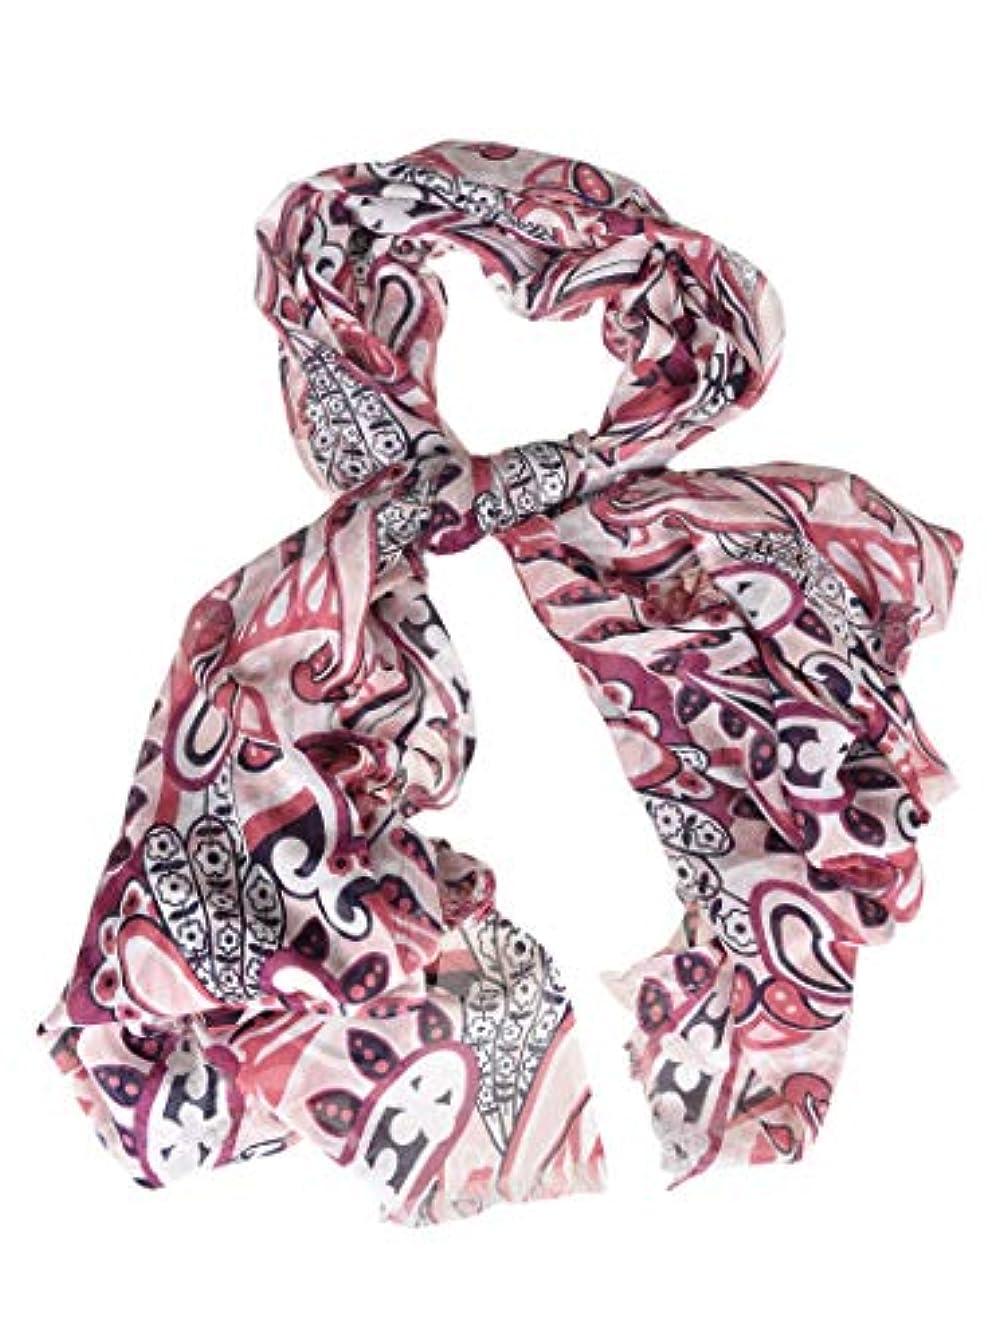 コーンウォール先生許されるCamerucci レディース ROSA8472 ピンク モーダル スカーフ